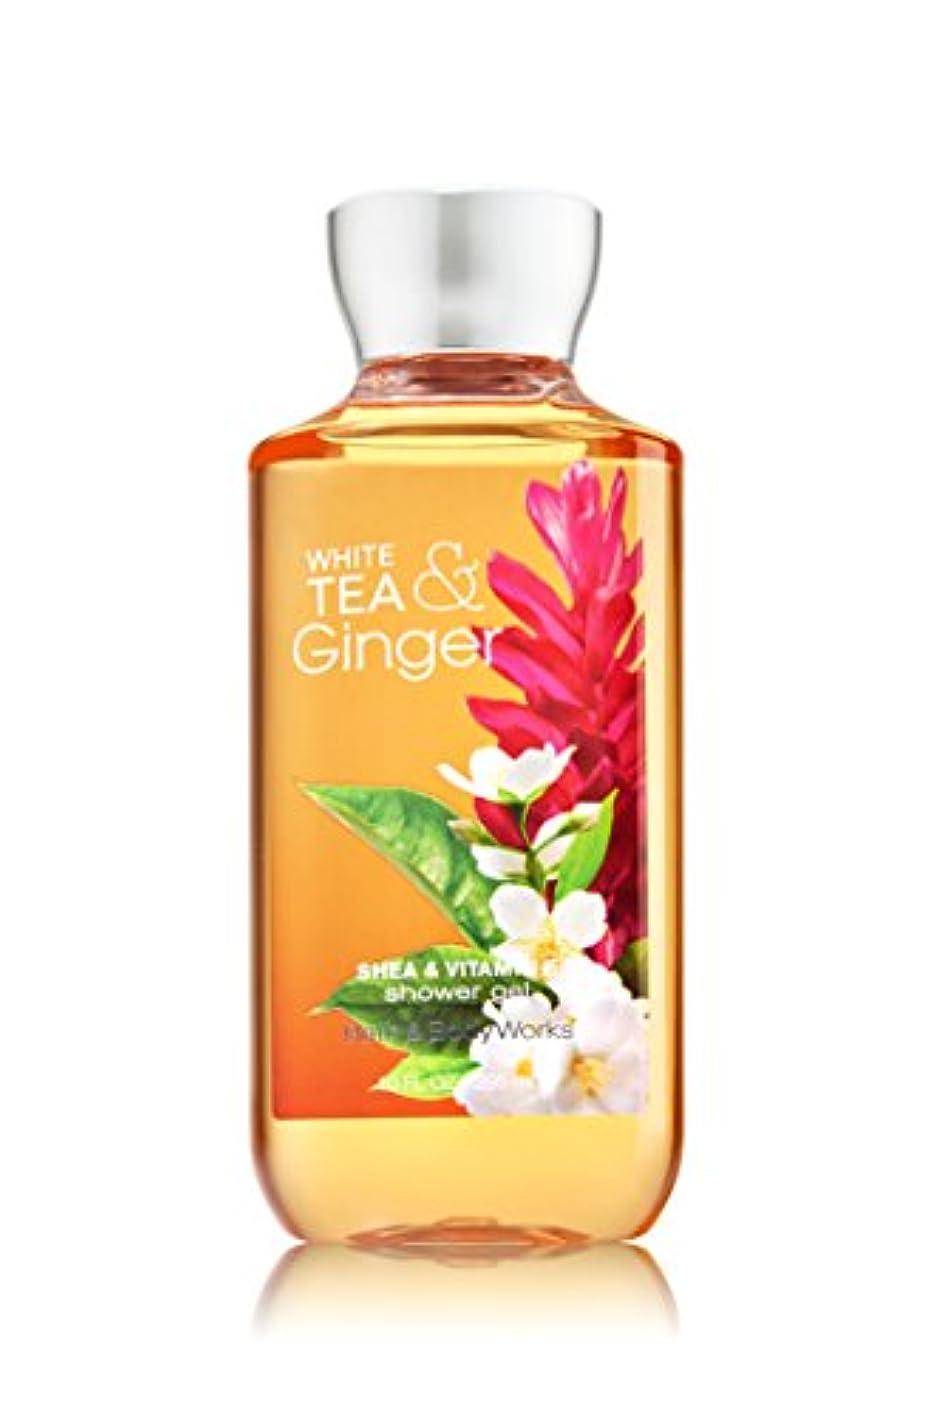 額ロッド請求書【Bath&Body Works/バス&ボディワークス】 シャワージェル ホワイトティー&ジンジャー Shower Gel White Tea & Ginger 10 fl oz / 295 mL [並行輸入品]